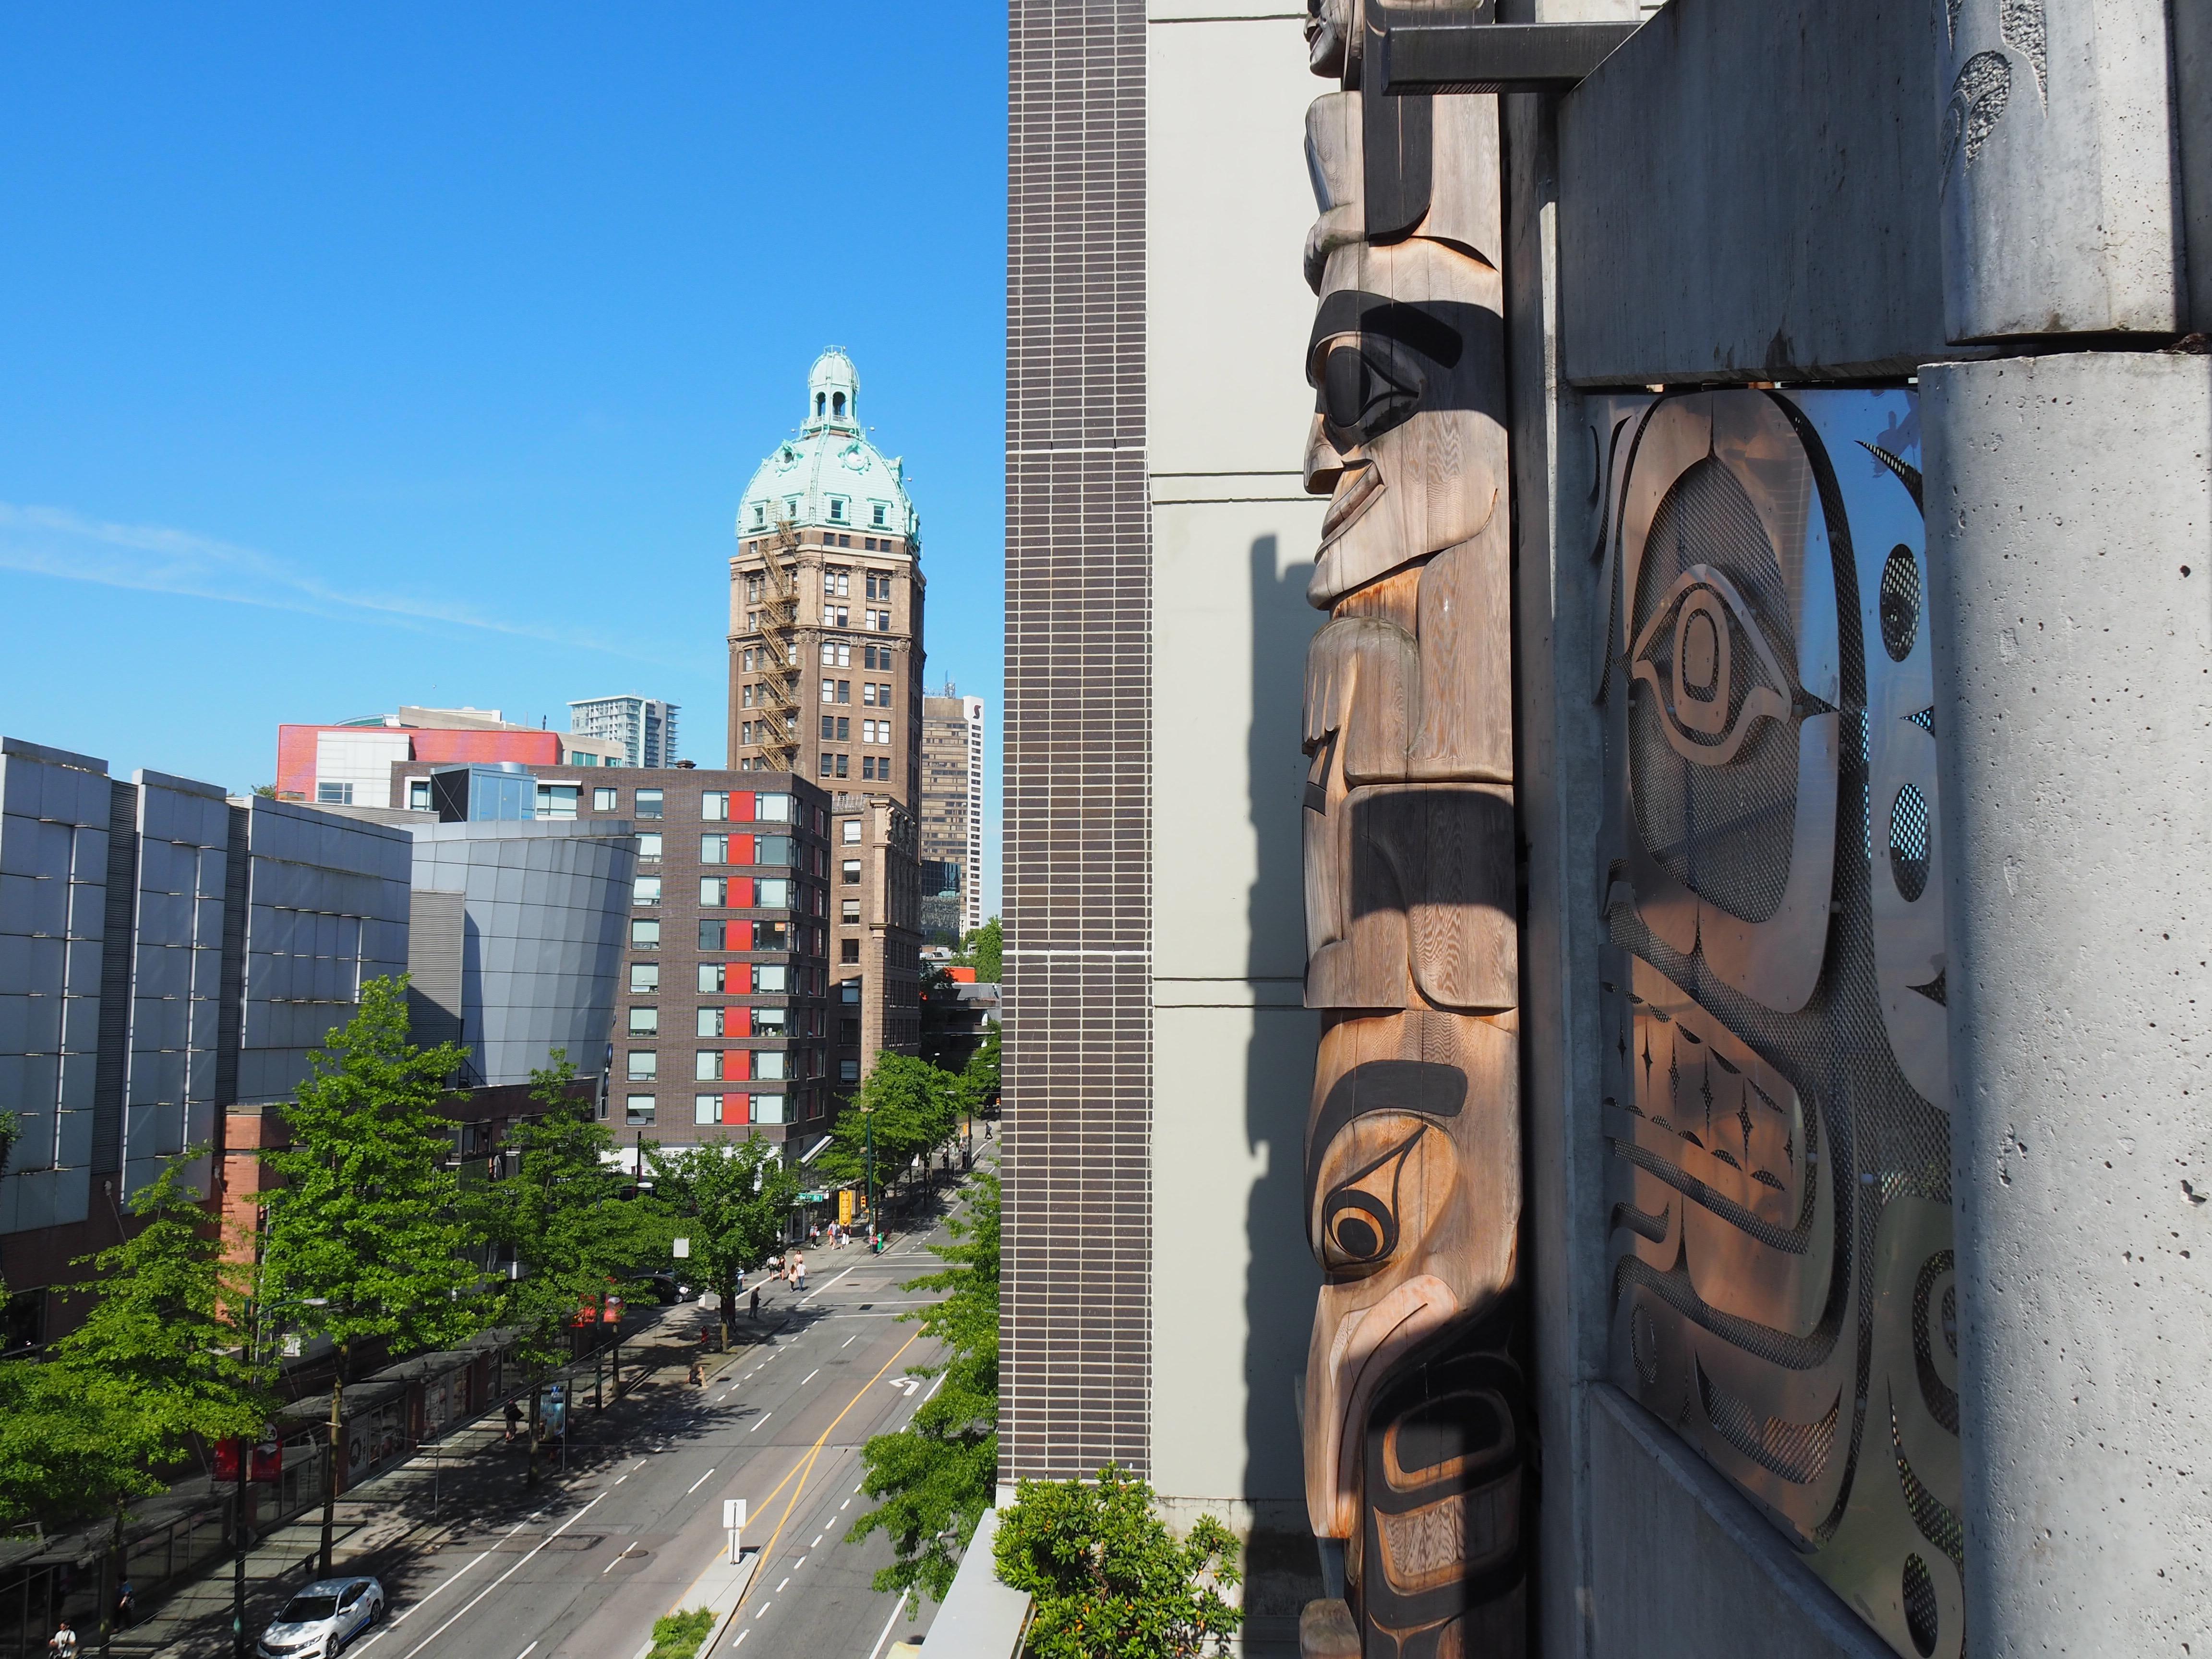 Photo: Marie-Julie Gagnon Présence de l'art autochtone